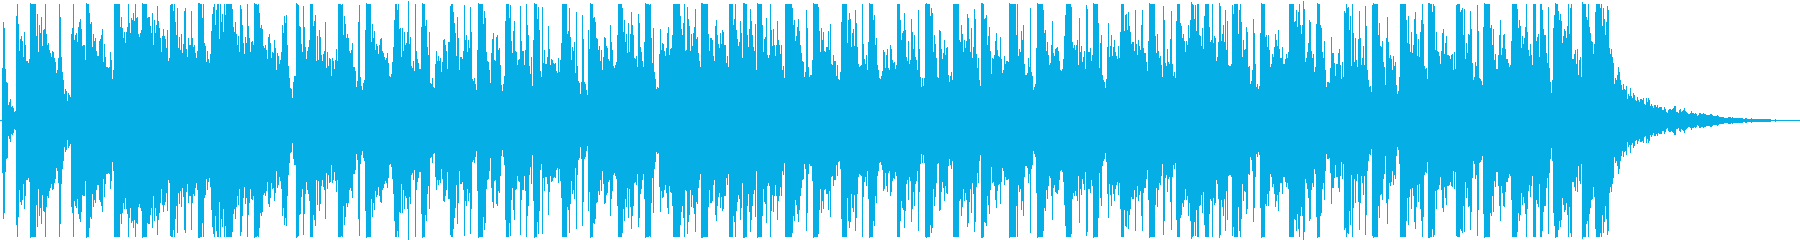 コーナータイトル_シティポップ30秒Aの再生済みの波形